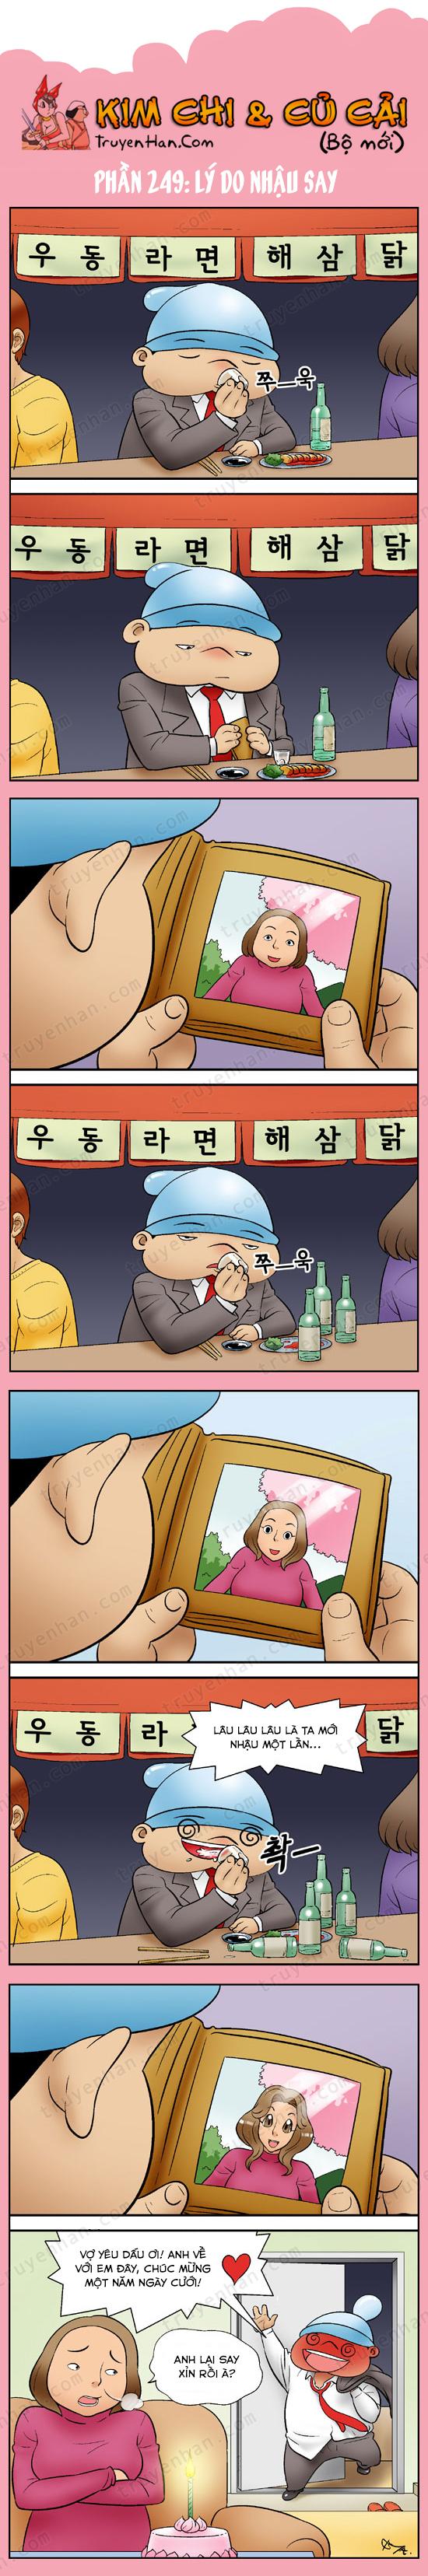 Kim Chi & Củ Cải (bộ mới) phần 249: Lý do nhậu say